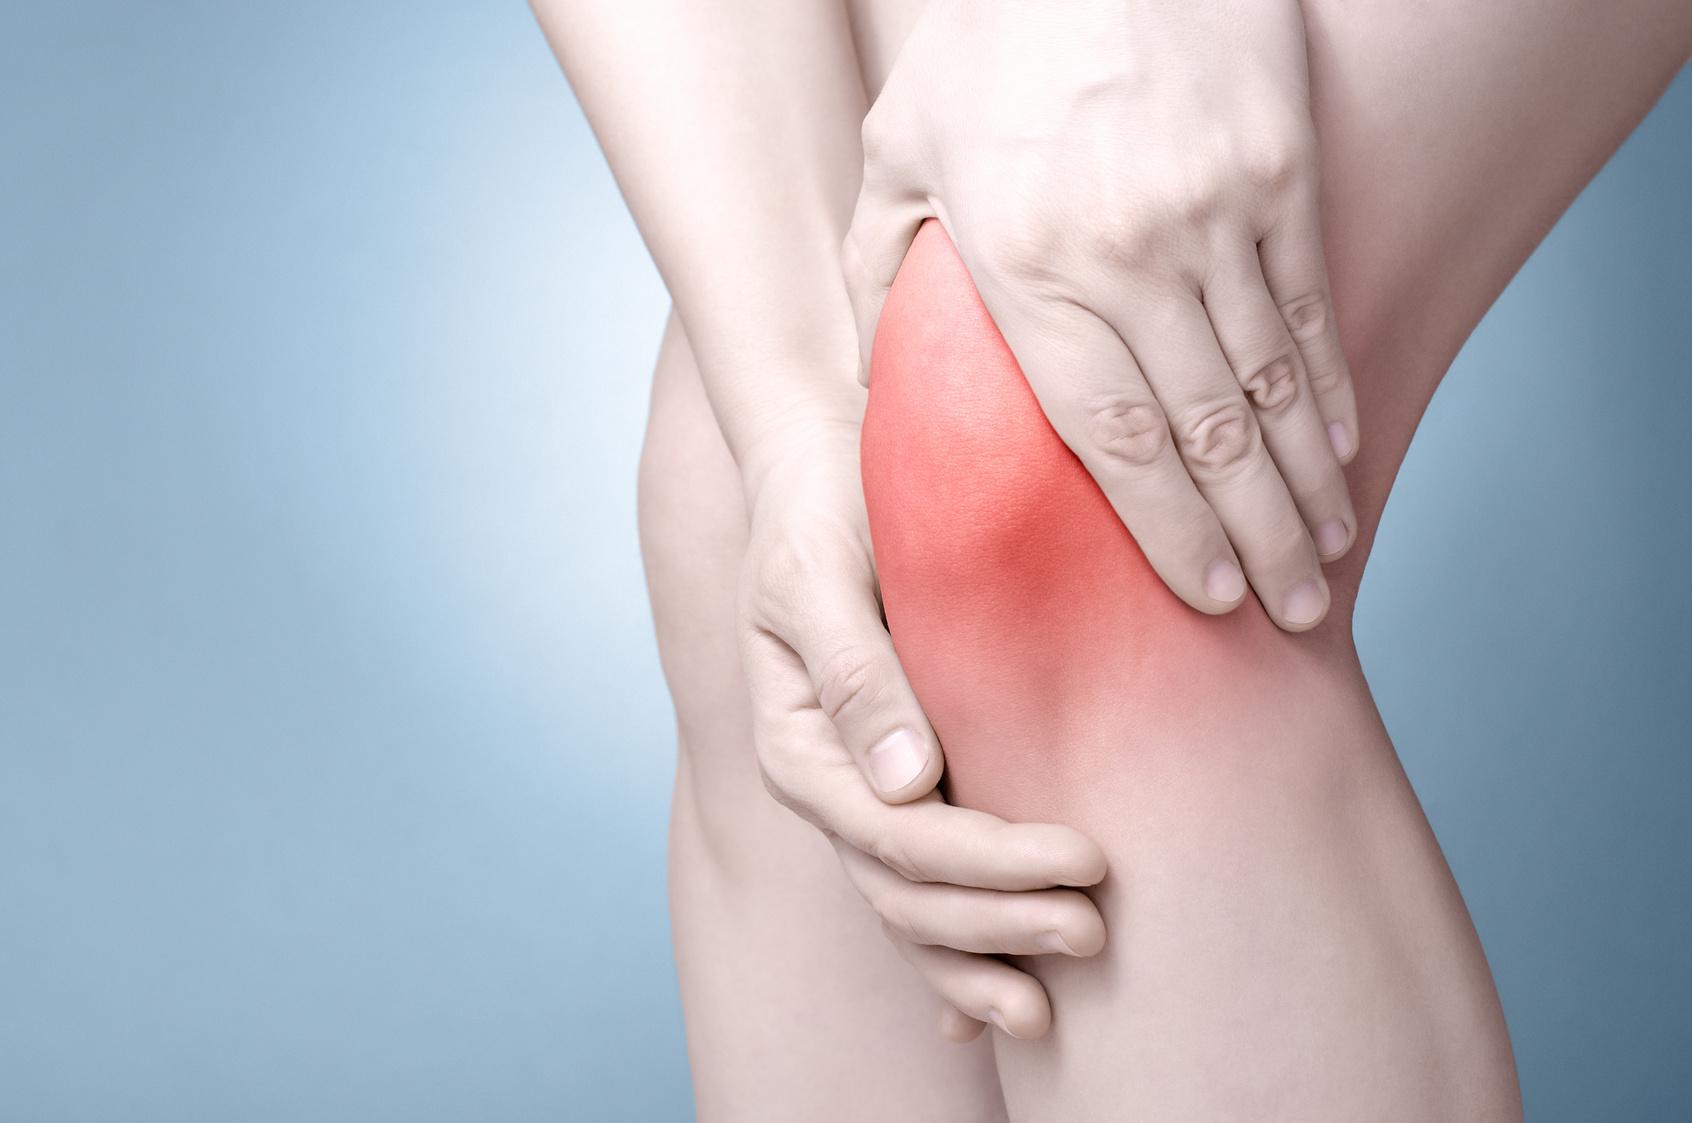 O脚の女性は要注意!将来変形性膝関節症になって膝が痛くなる可能性大!